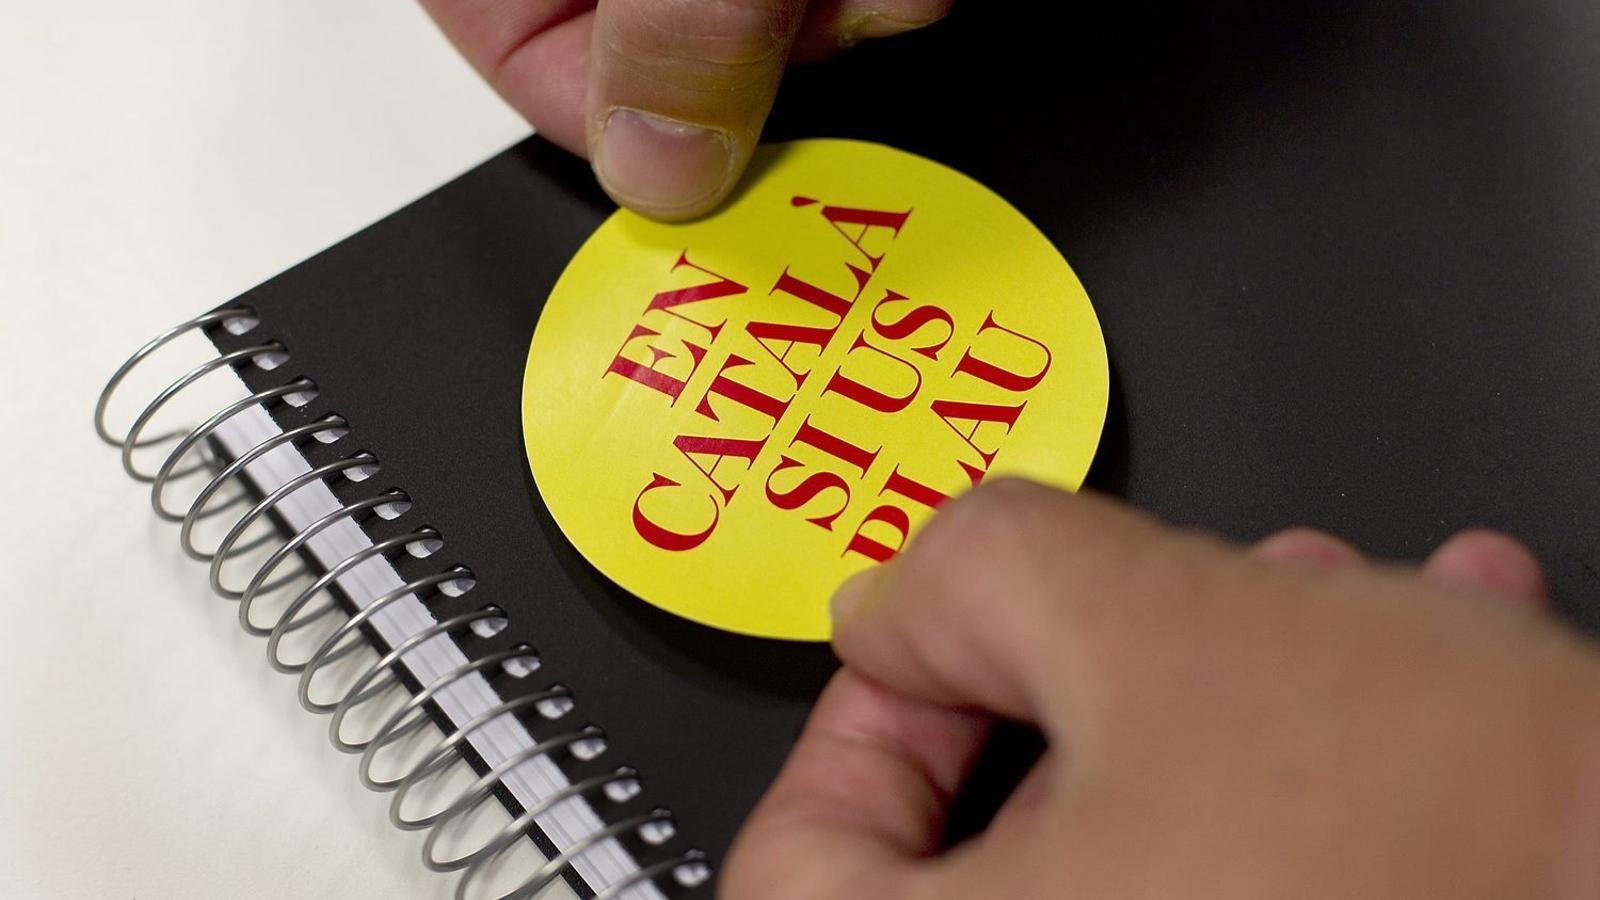 Adhesiu d'una campanya per a l'etiquetatge en català. Actualment les grans debilitats  de la llengua són en altres aspectes.